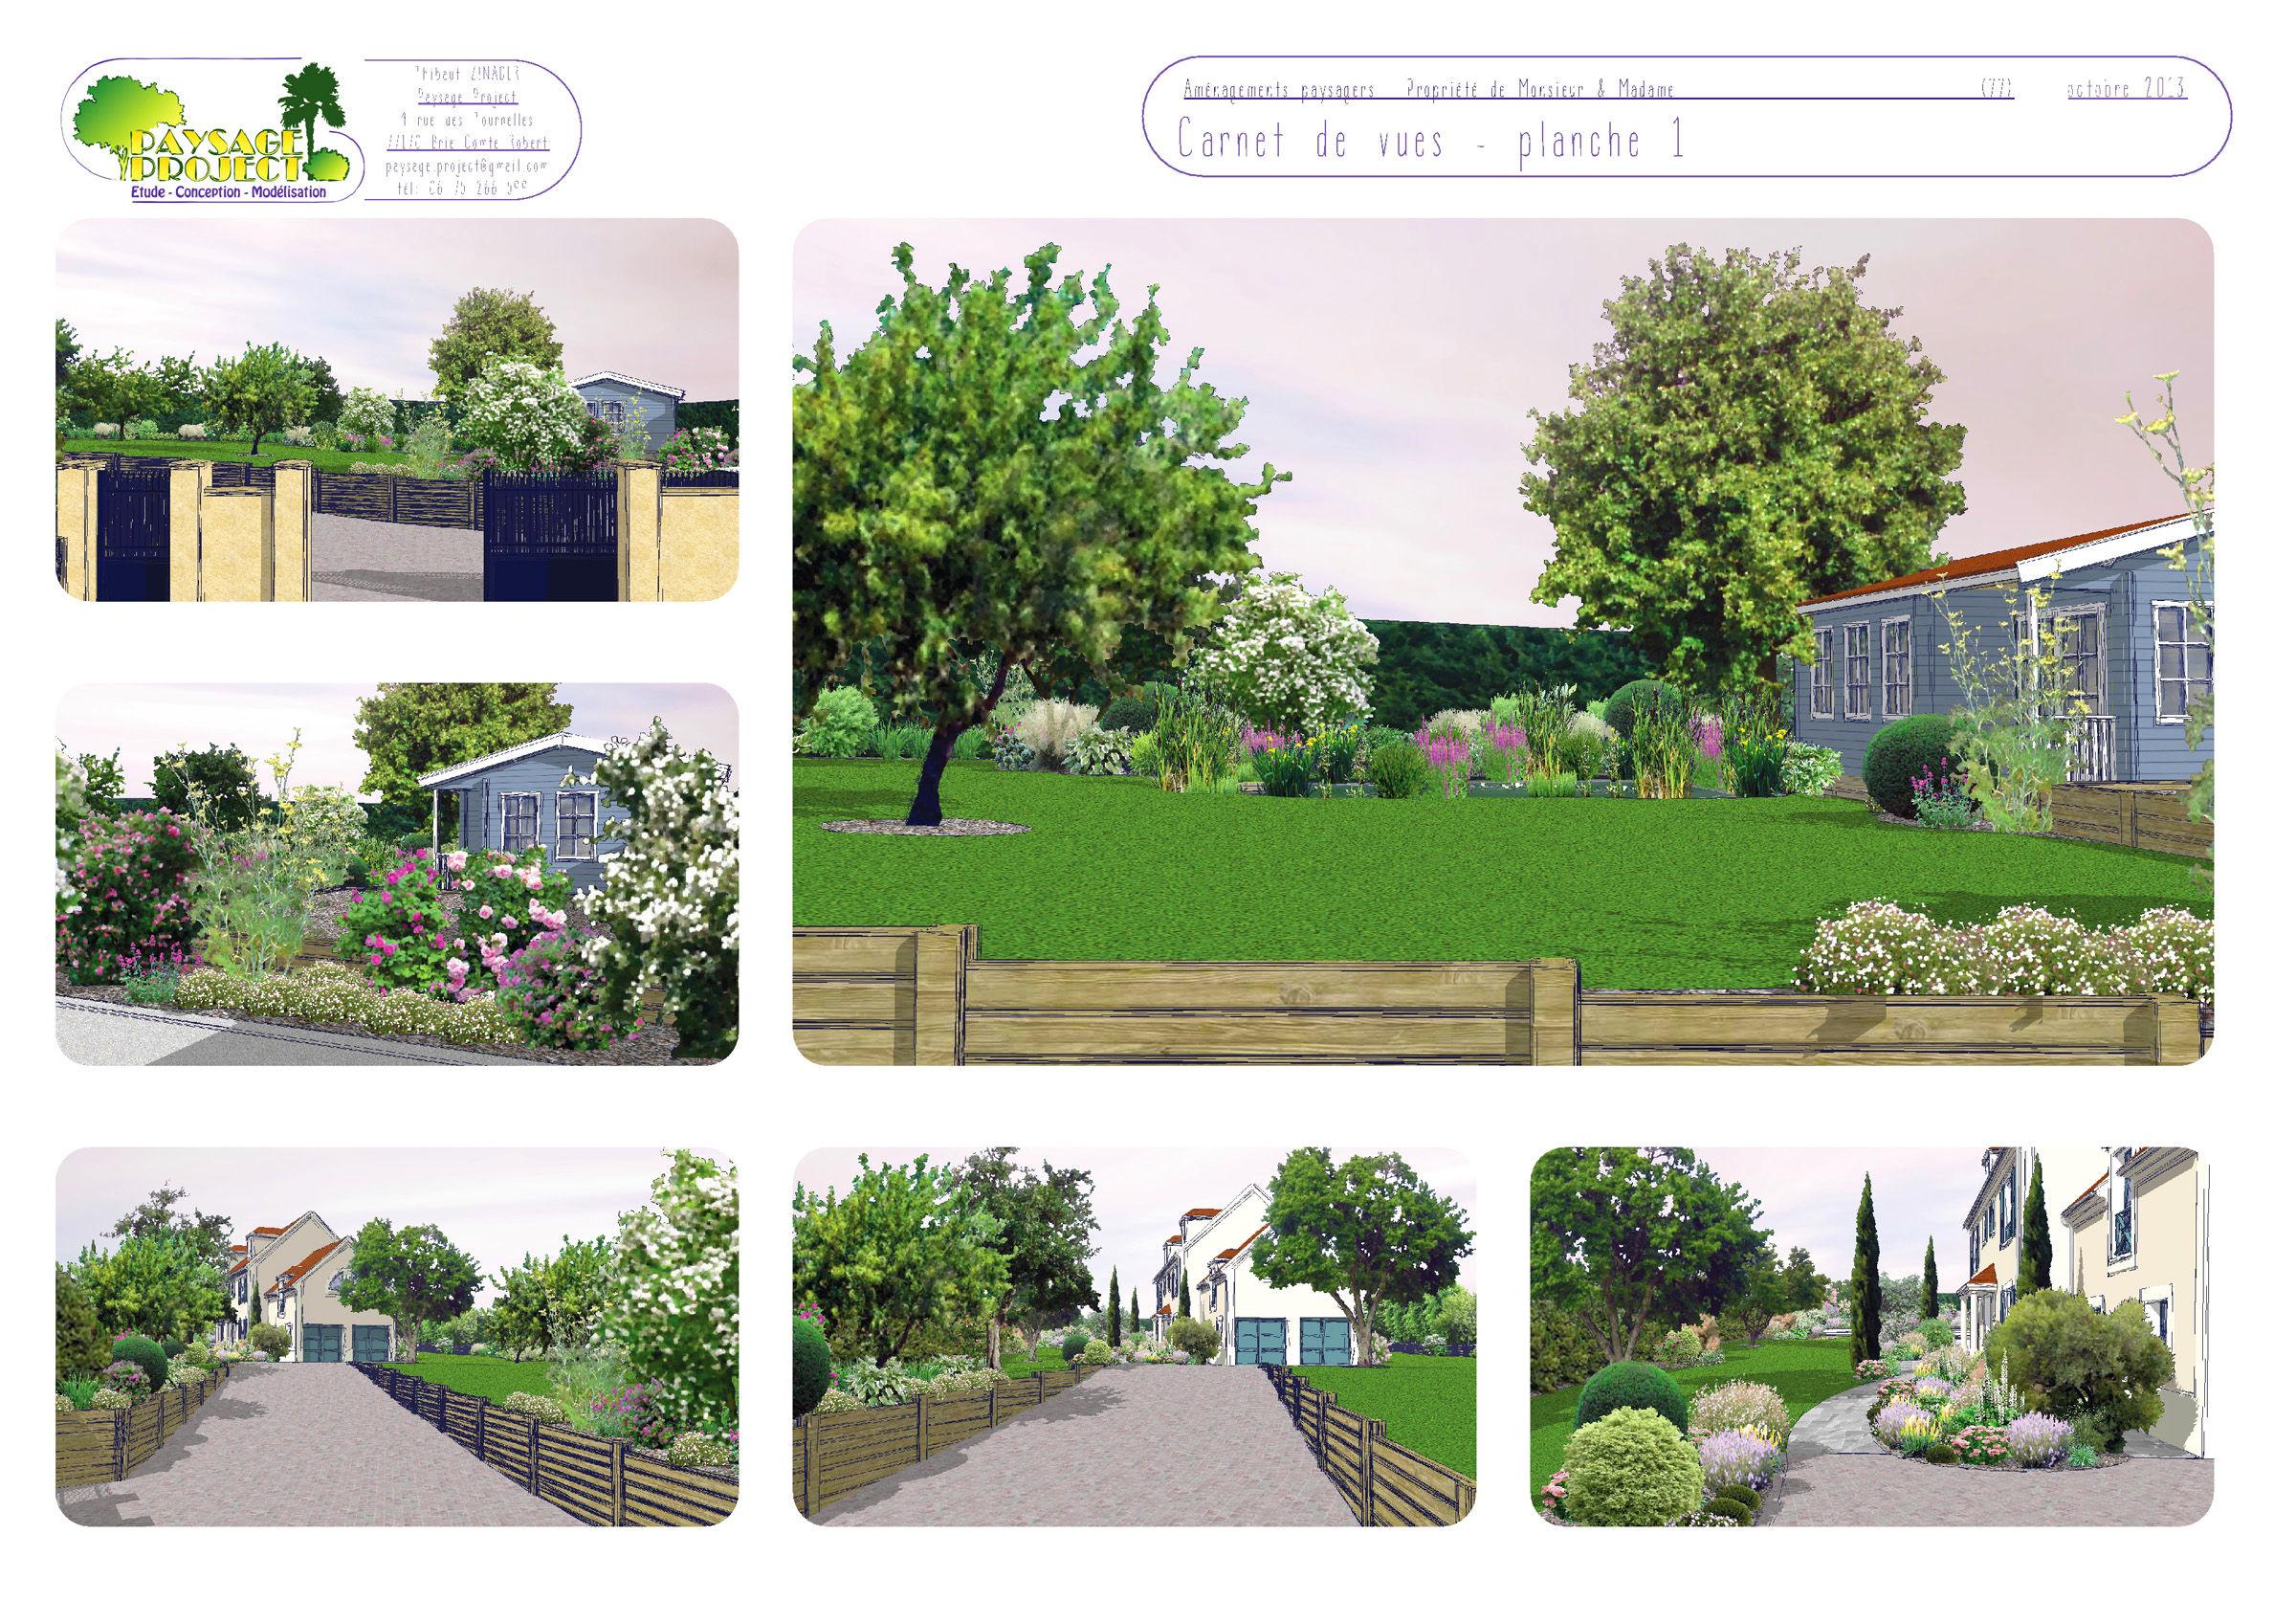 Modelisation Jardin 3D Paysage Project 13   Paysage-Project avec 3D Jardin & Paysagisme